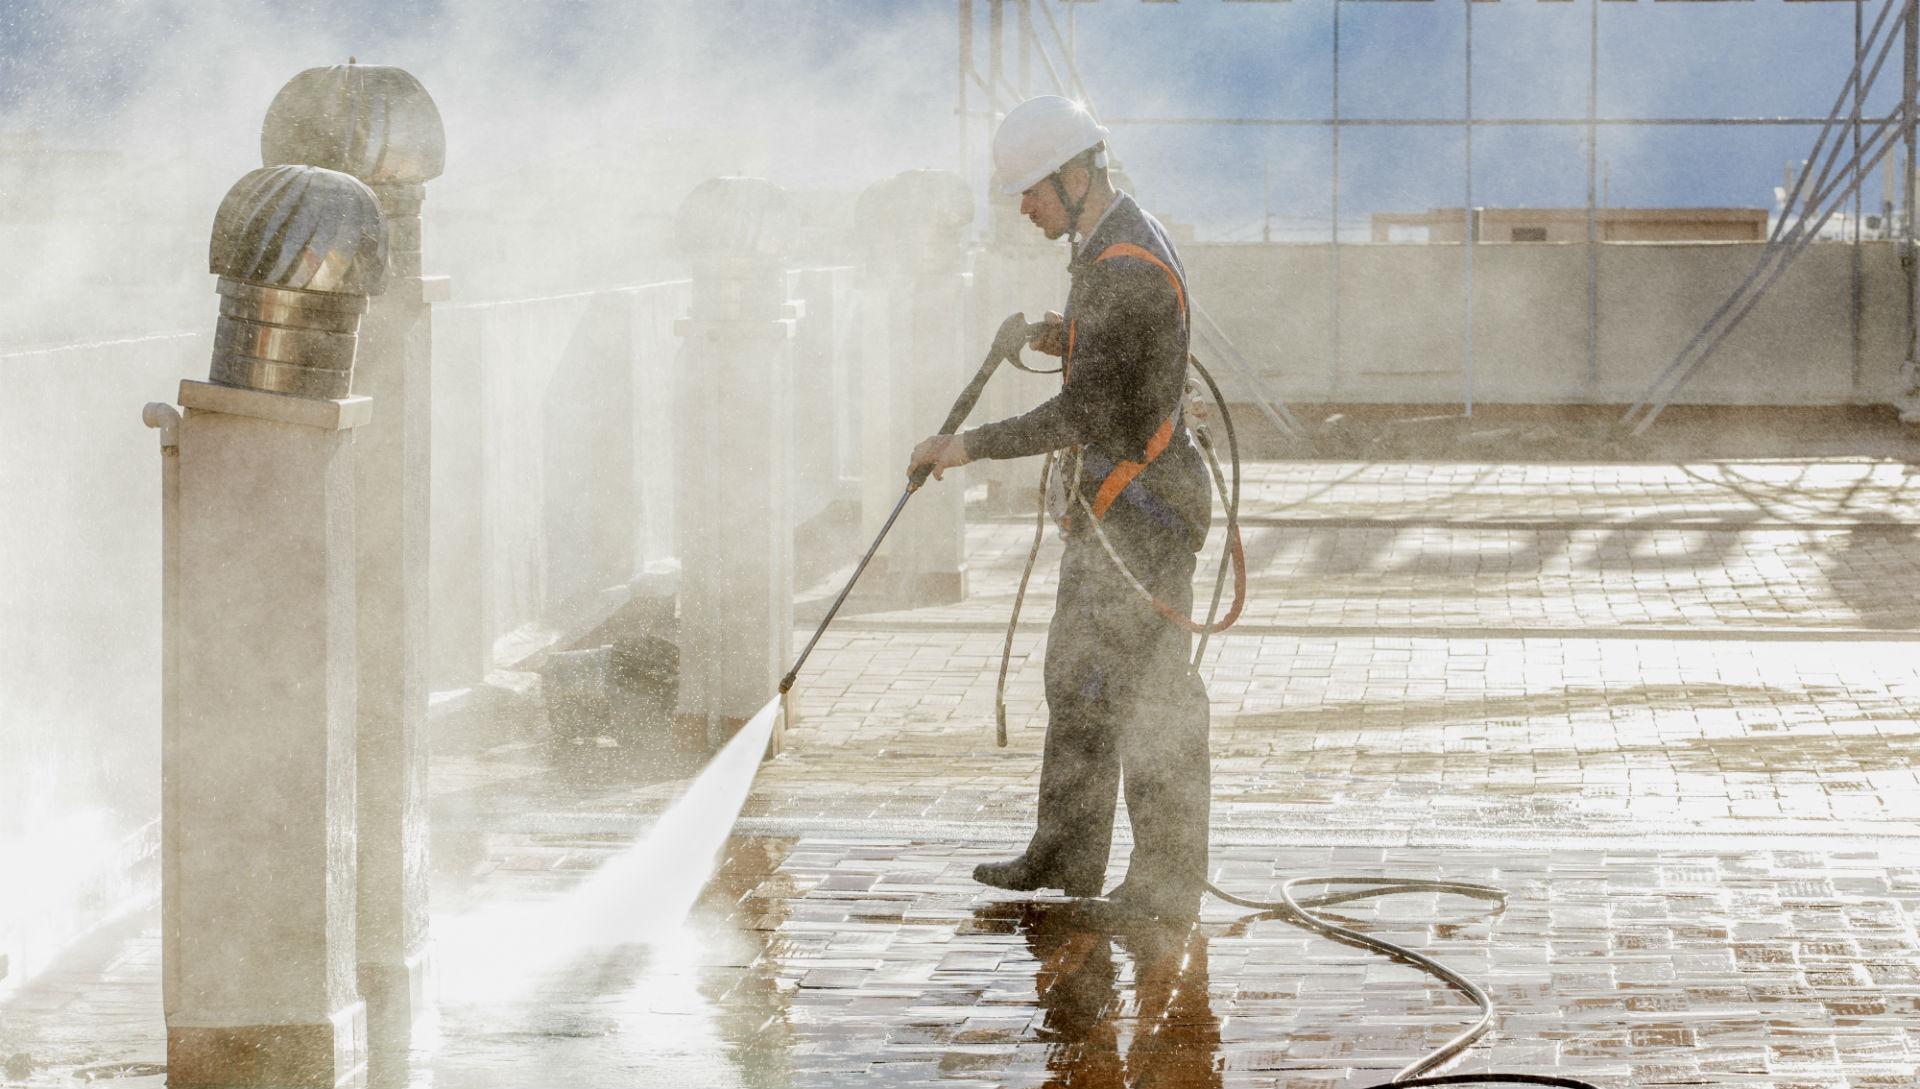 Limpieza y mantenimeinto de Suelos Fachadas Edifiicios